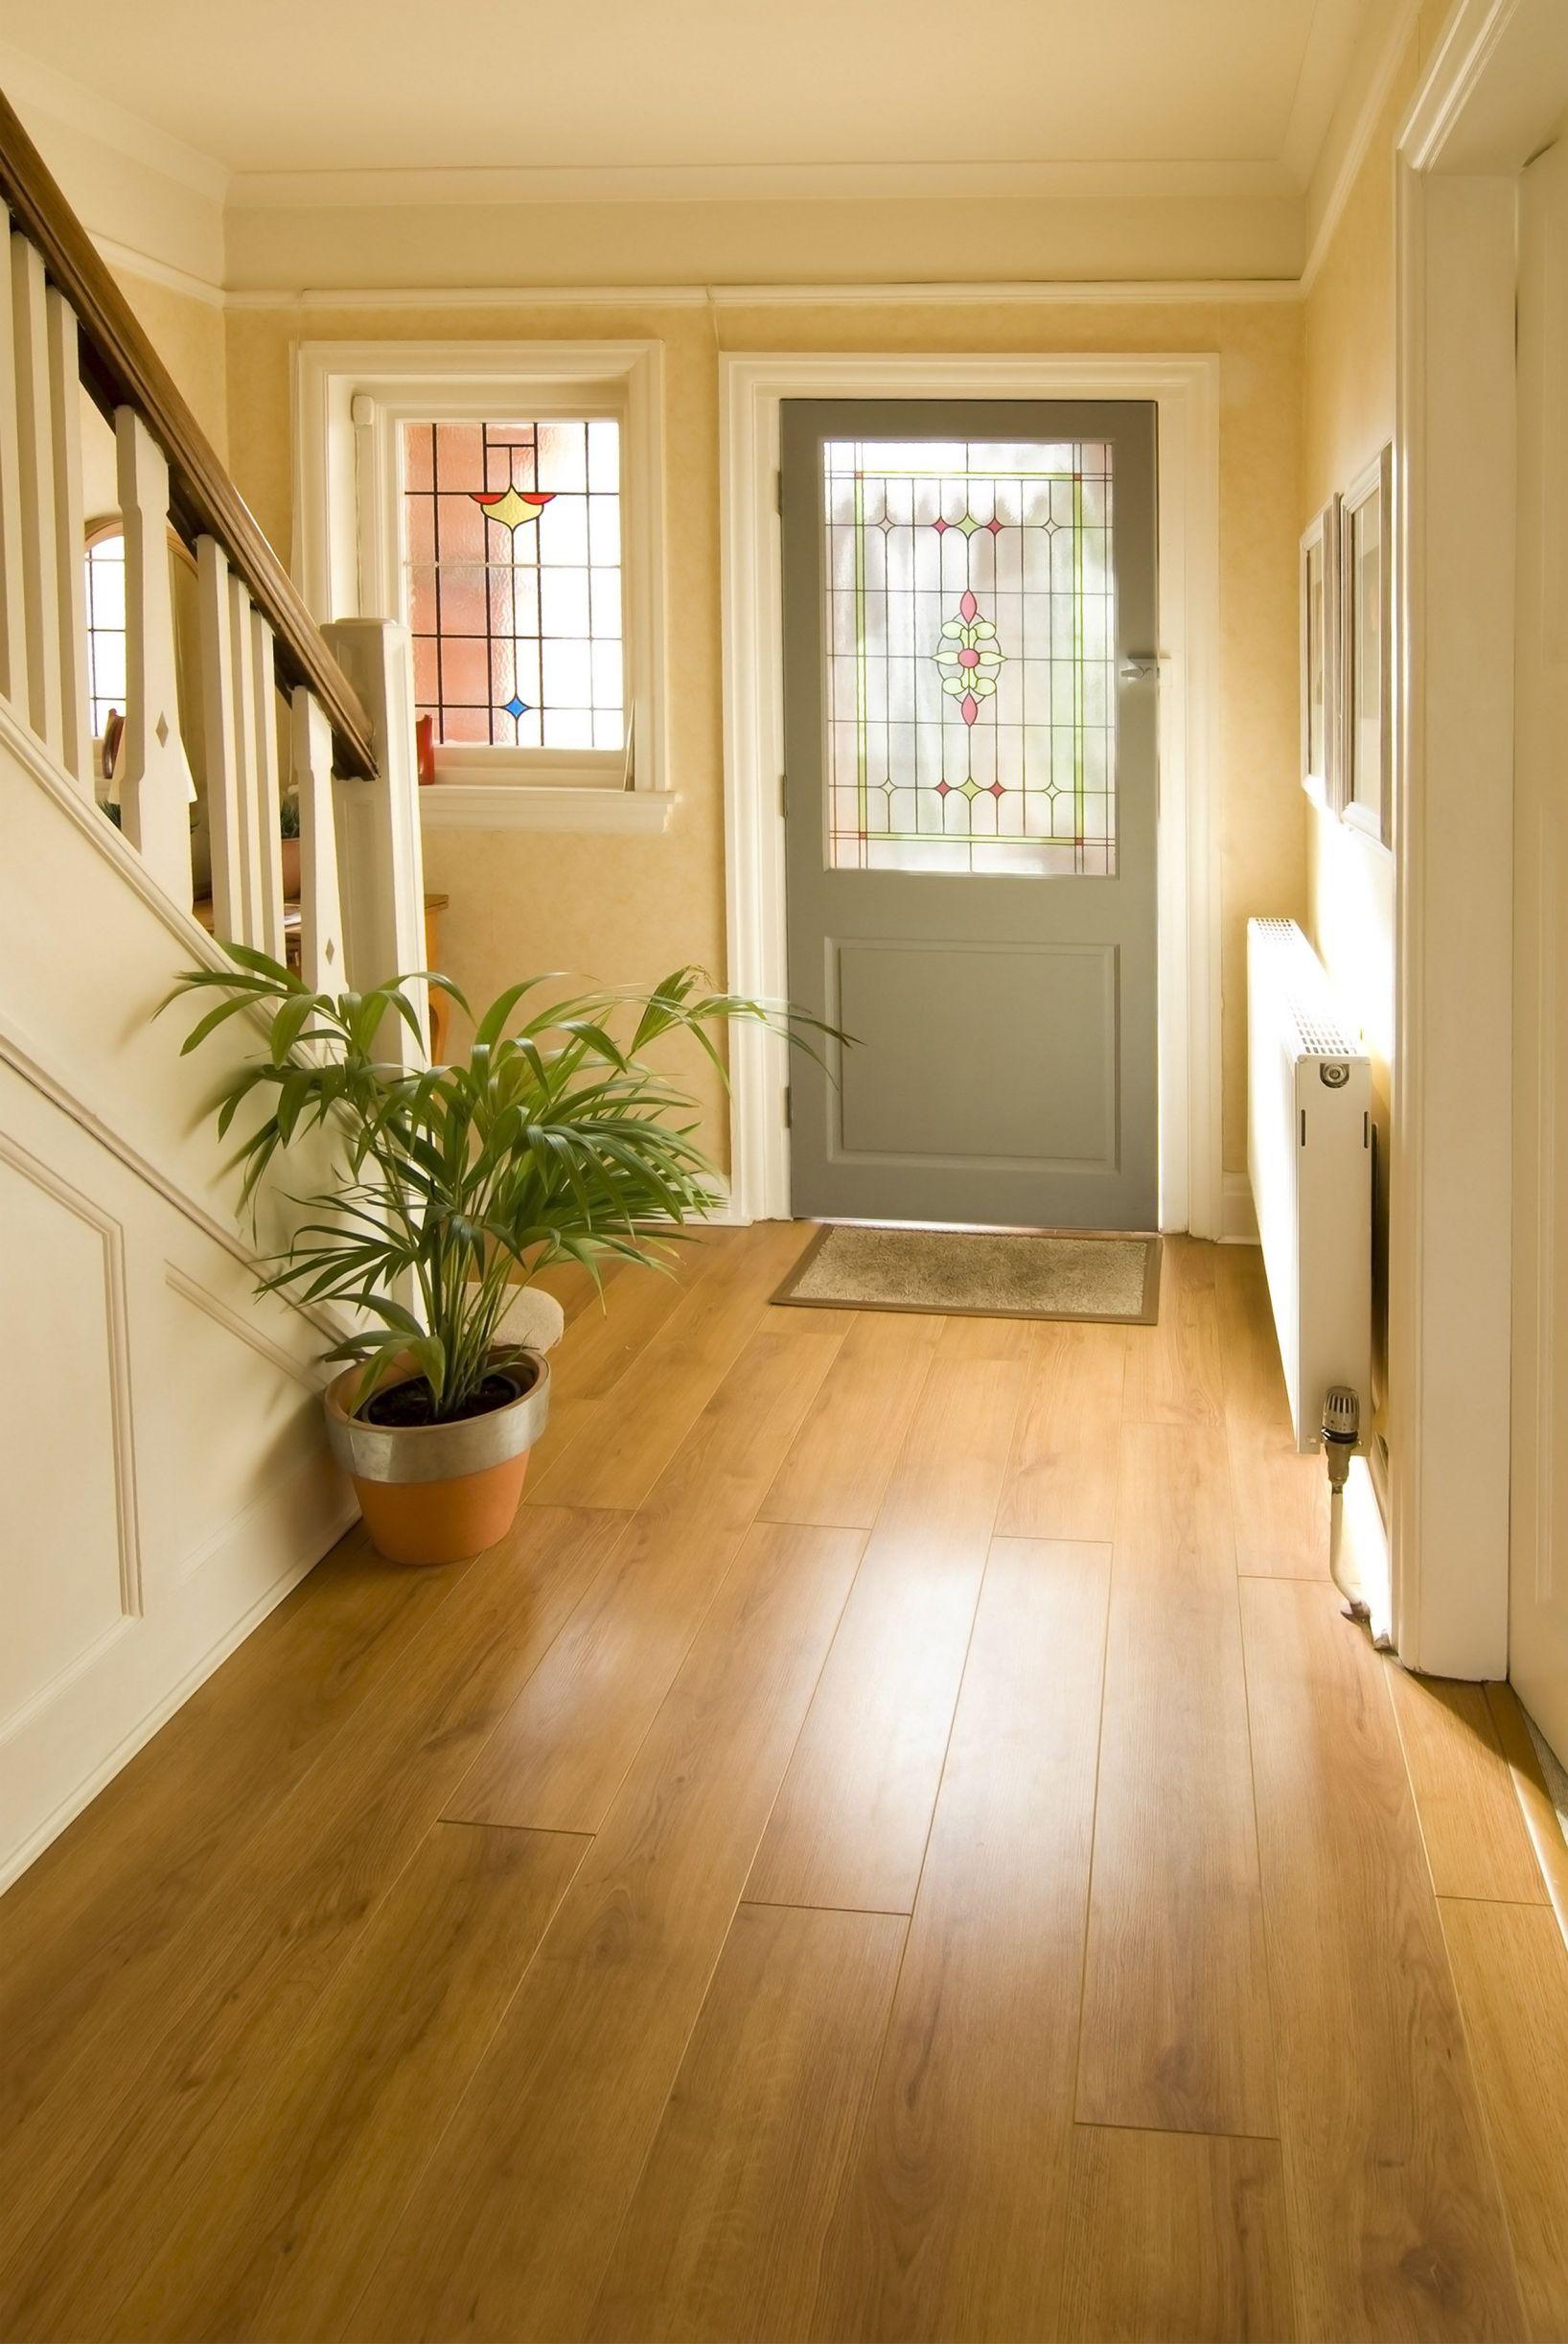 Светло-коричневый ламинат в коридоре частного дома